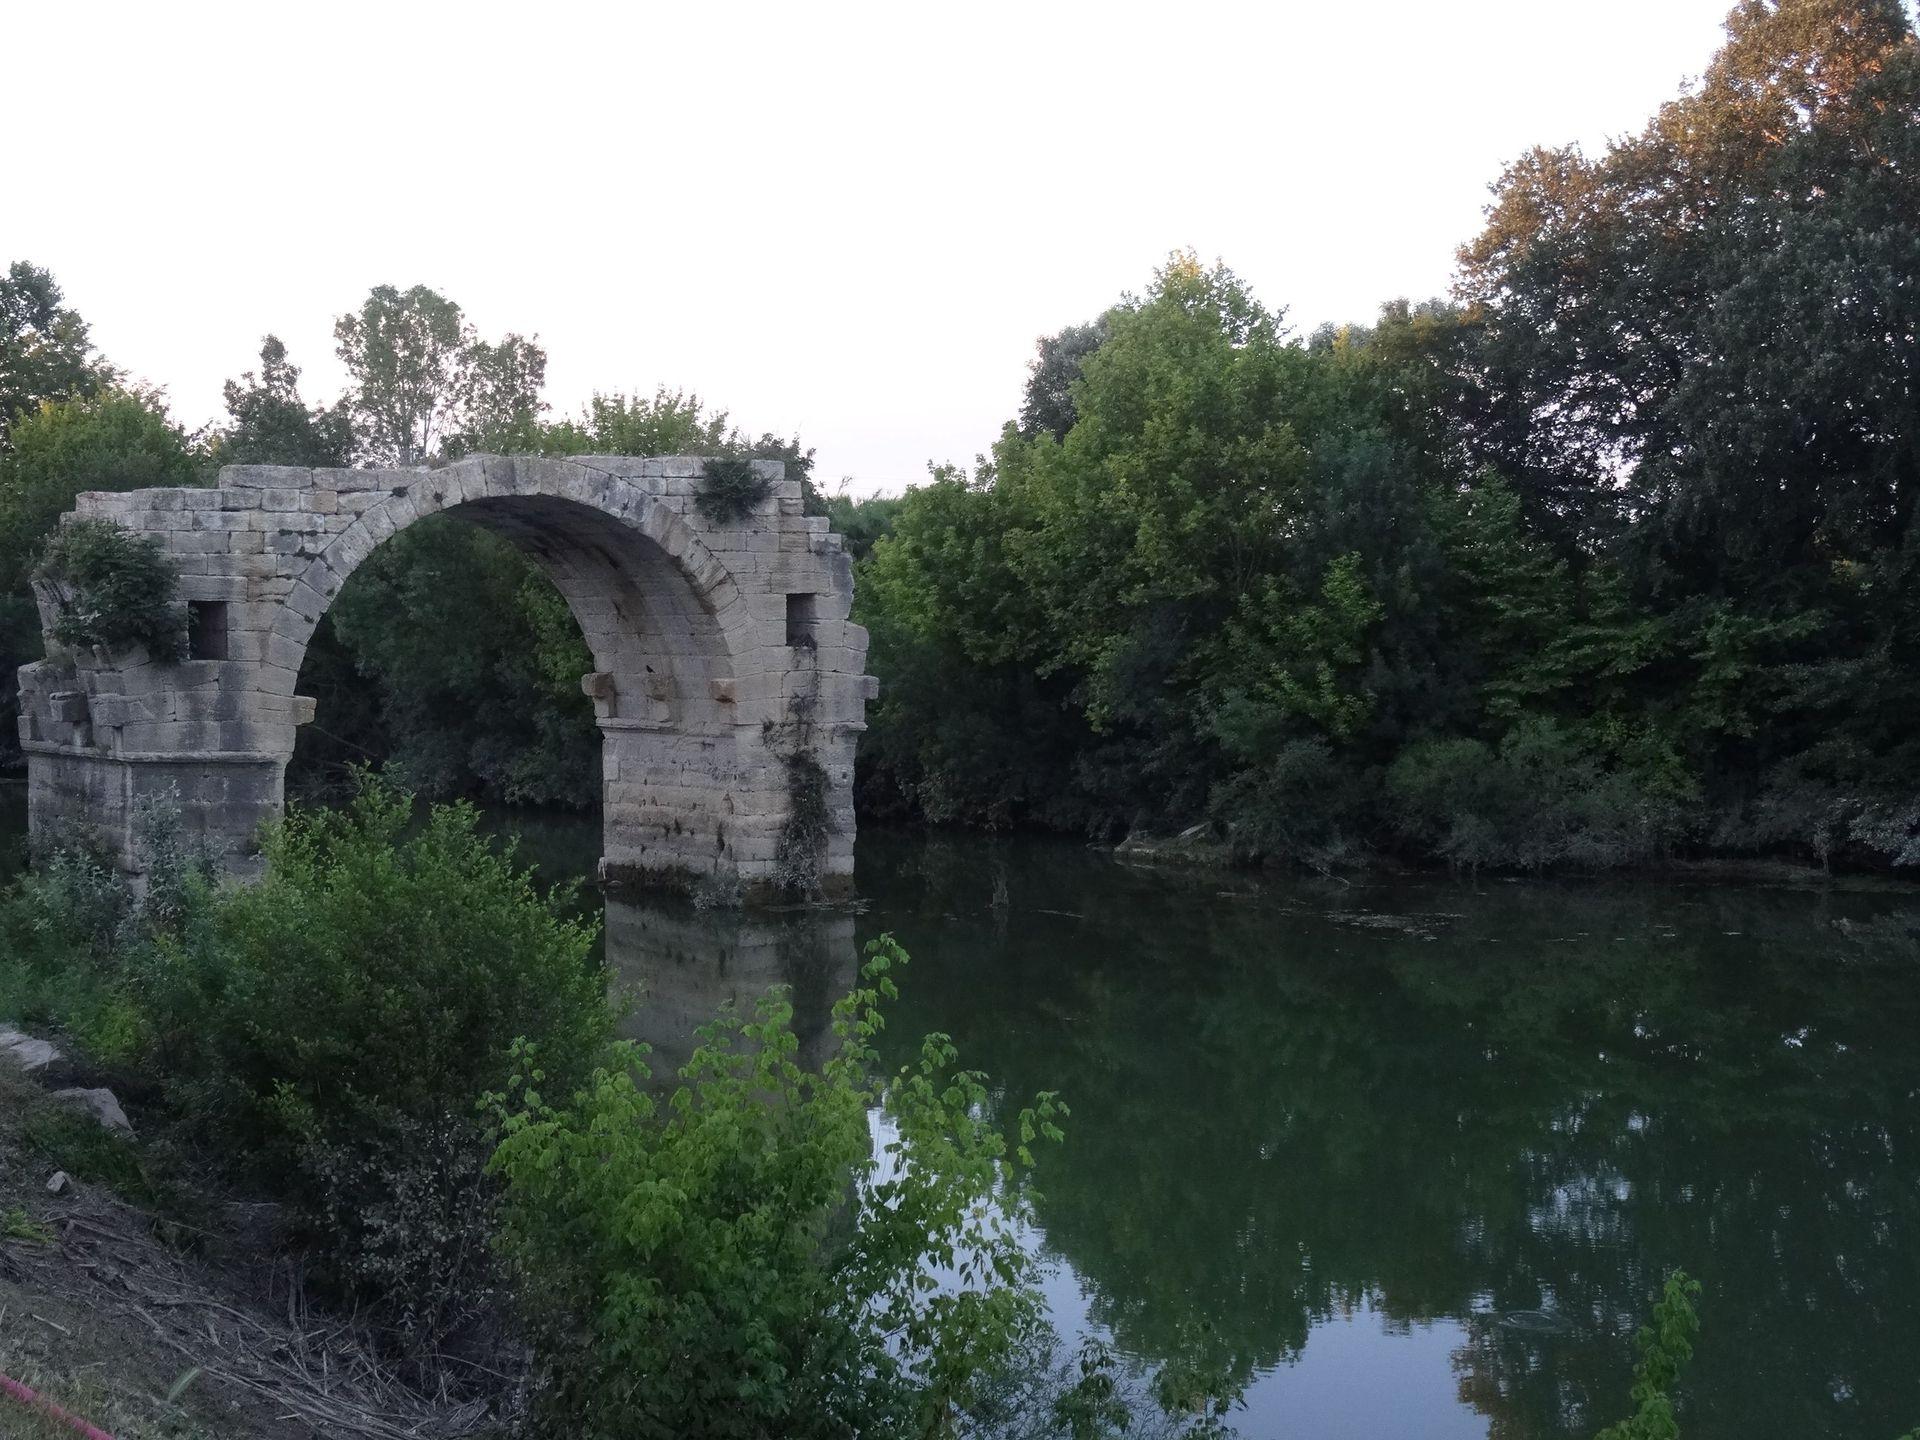 Pont d'ambroix ou pont d'Ambrussum est un pont romain construit au Ier siècle au dessus du Vidourle